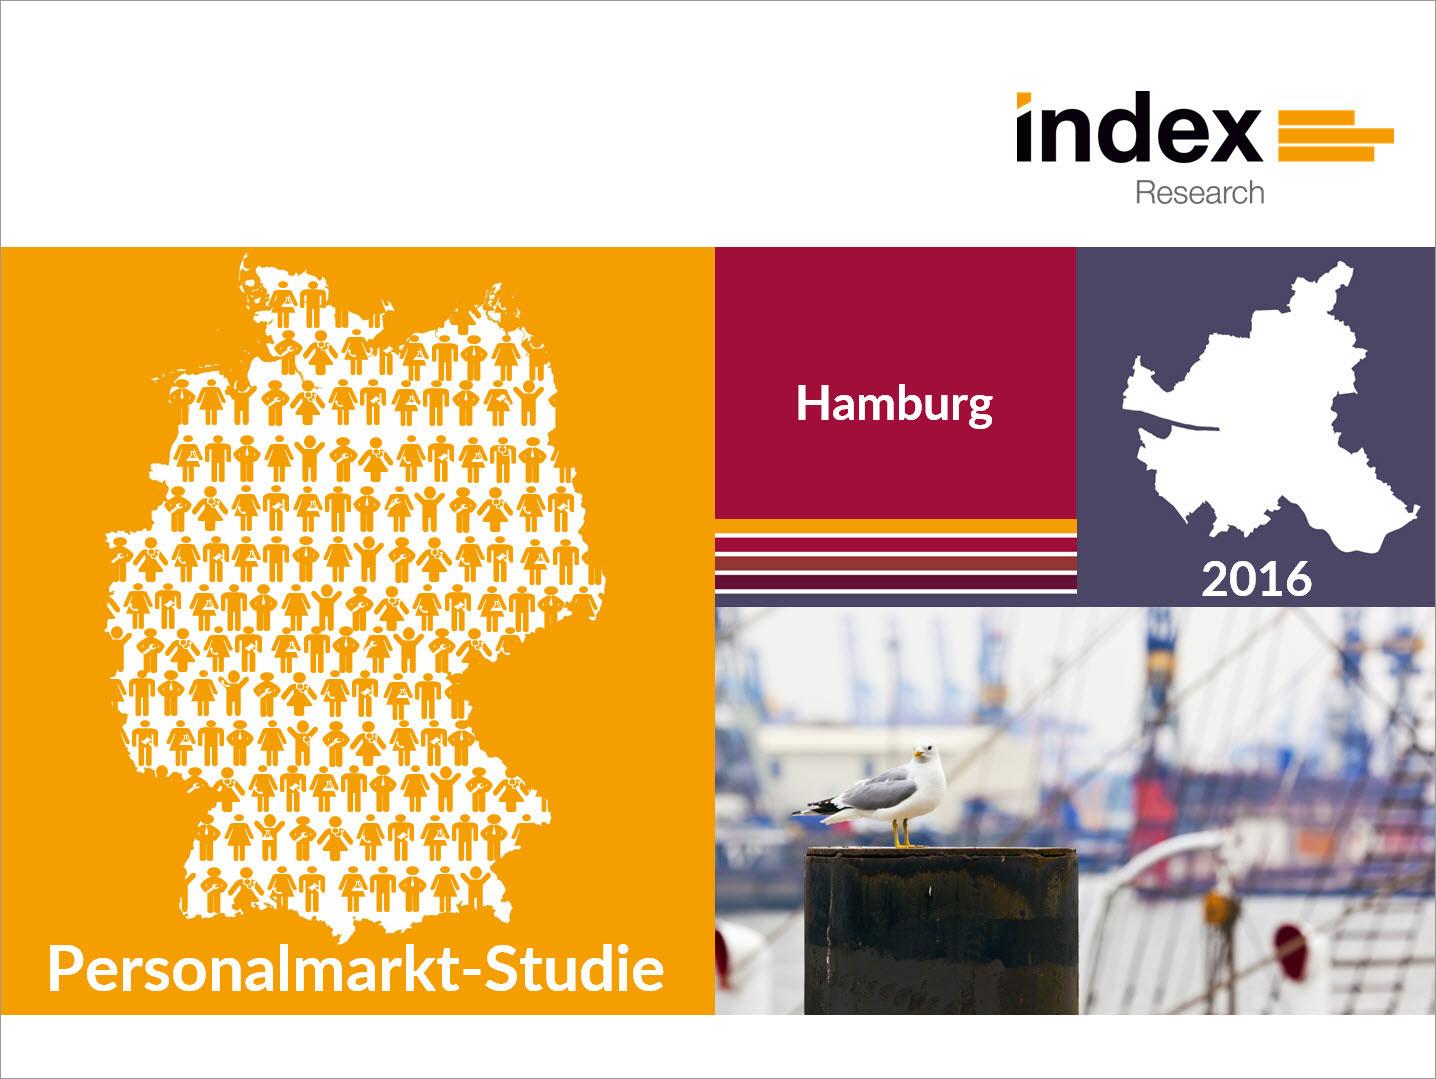 Personalmarkt-Studie Hamburg 2016